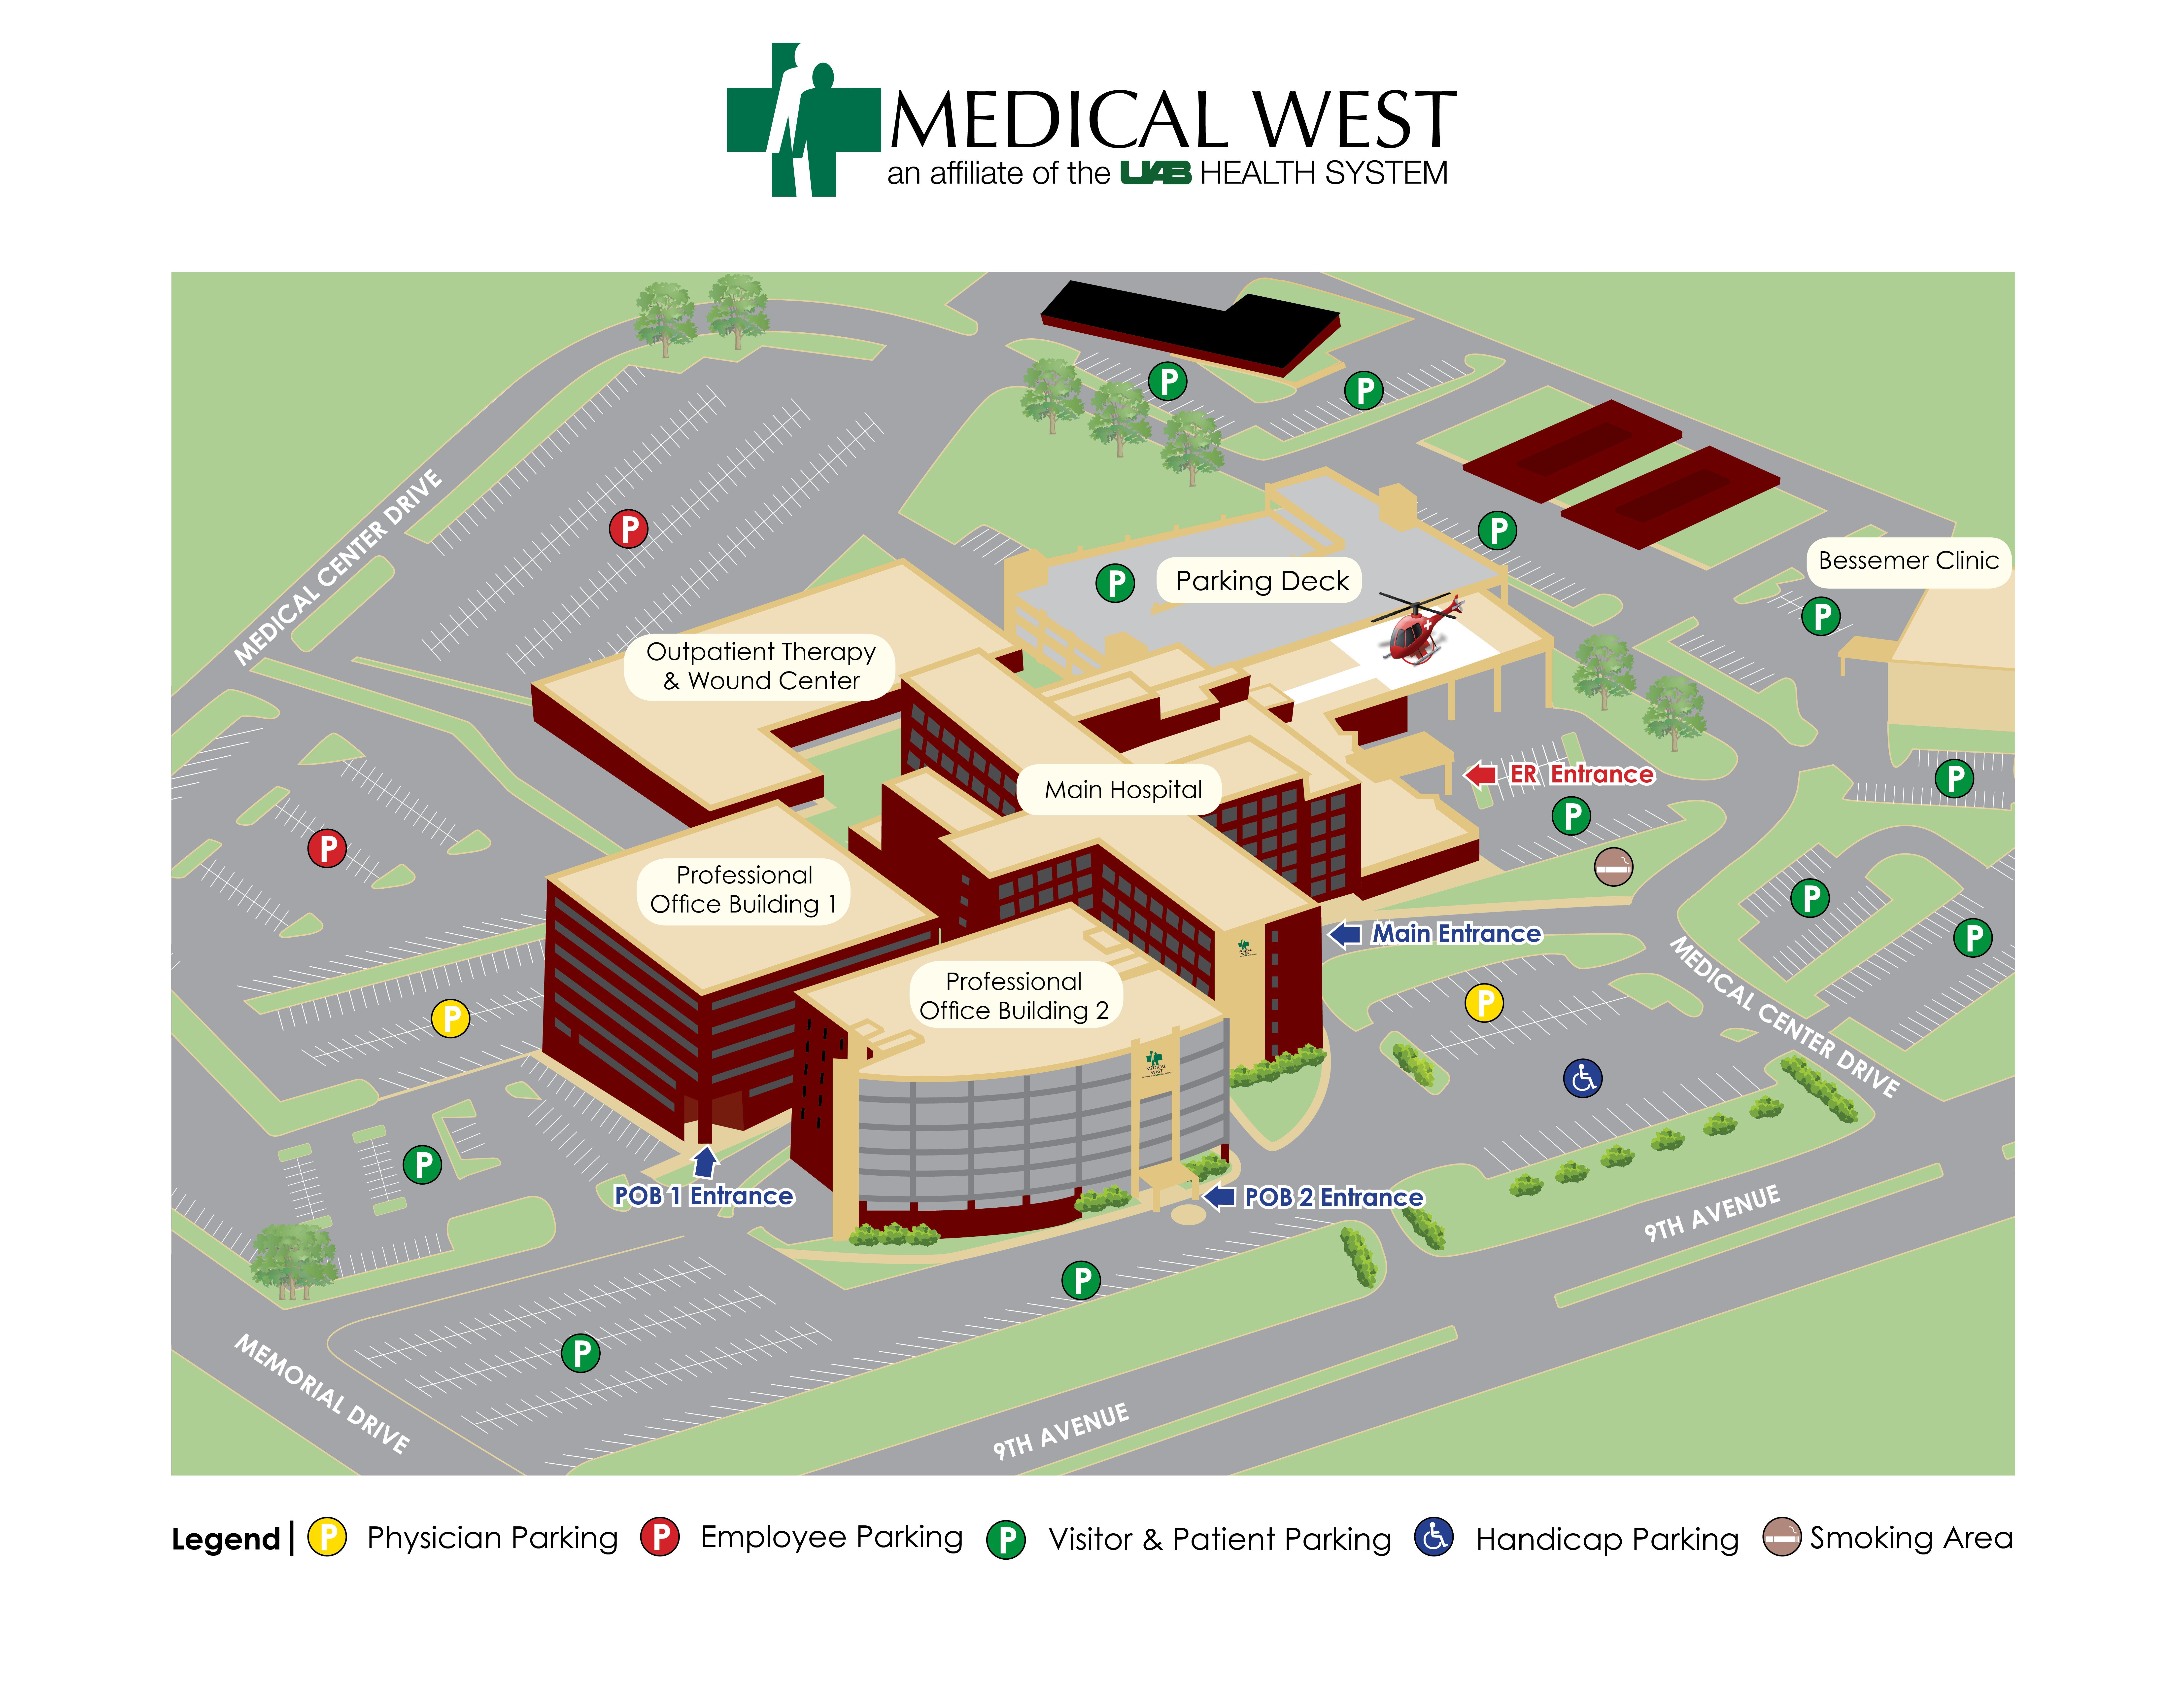 Uab Hospital Map Medical West Hospital Map Uab Hospital Map